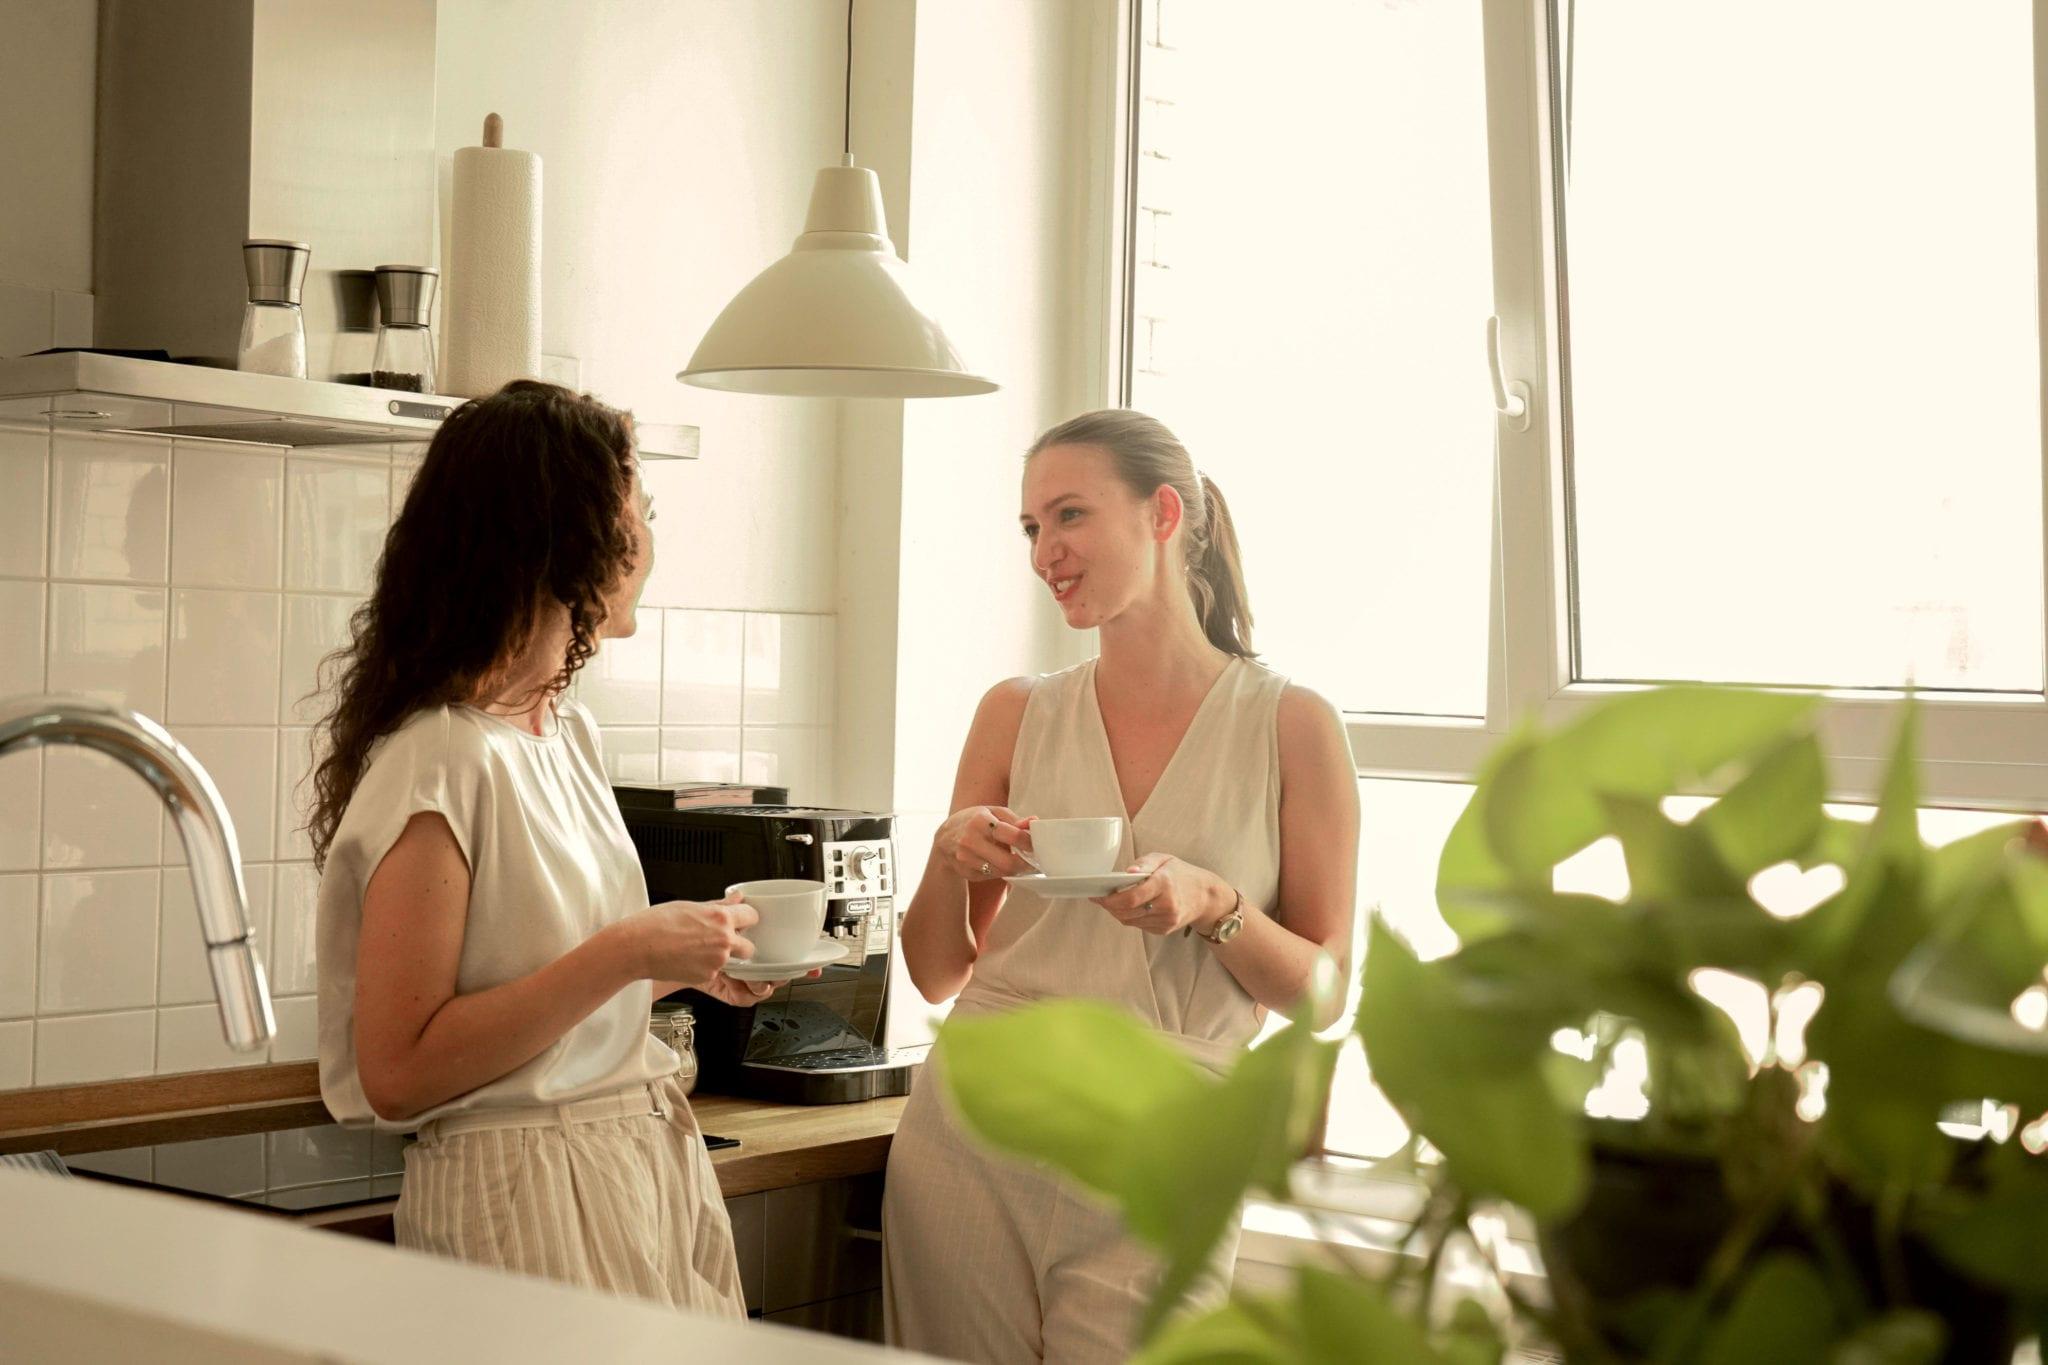 Zwei Frauen trinken Kaffee und unterhalten sich